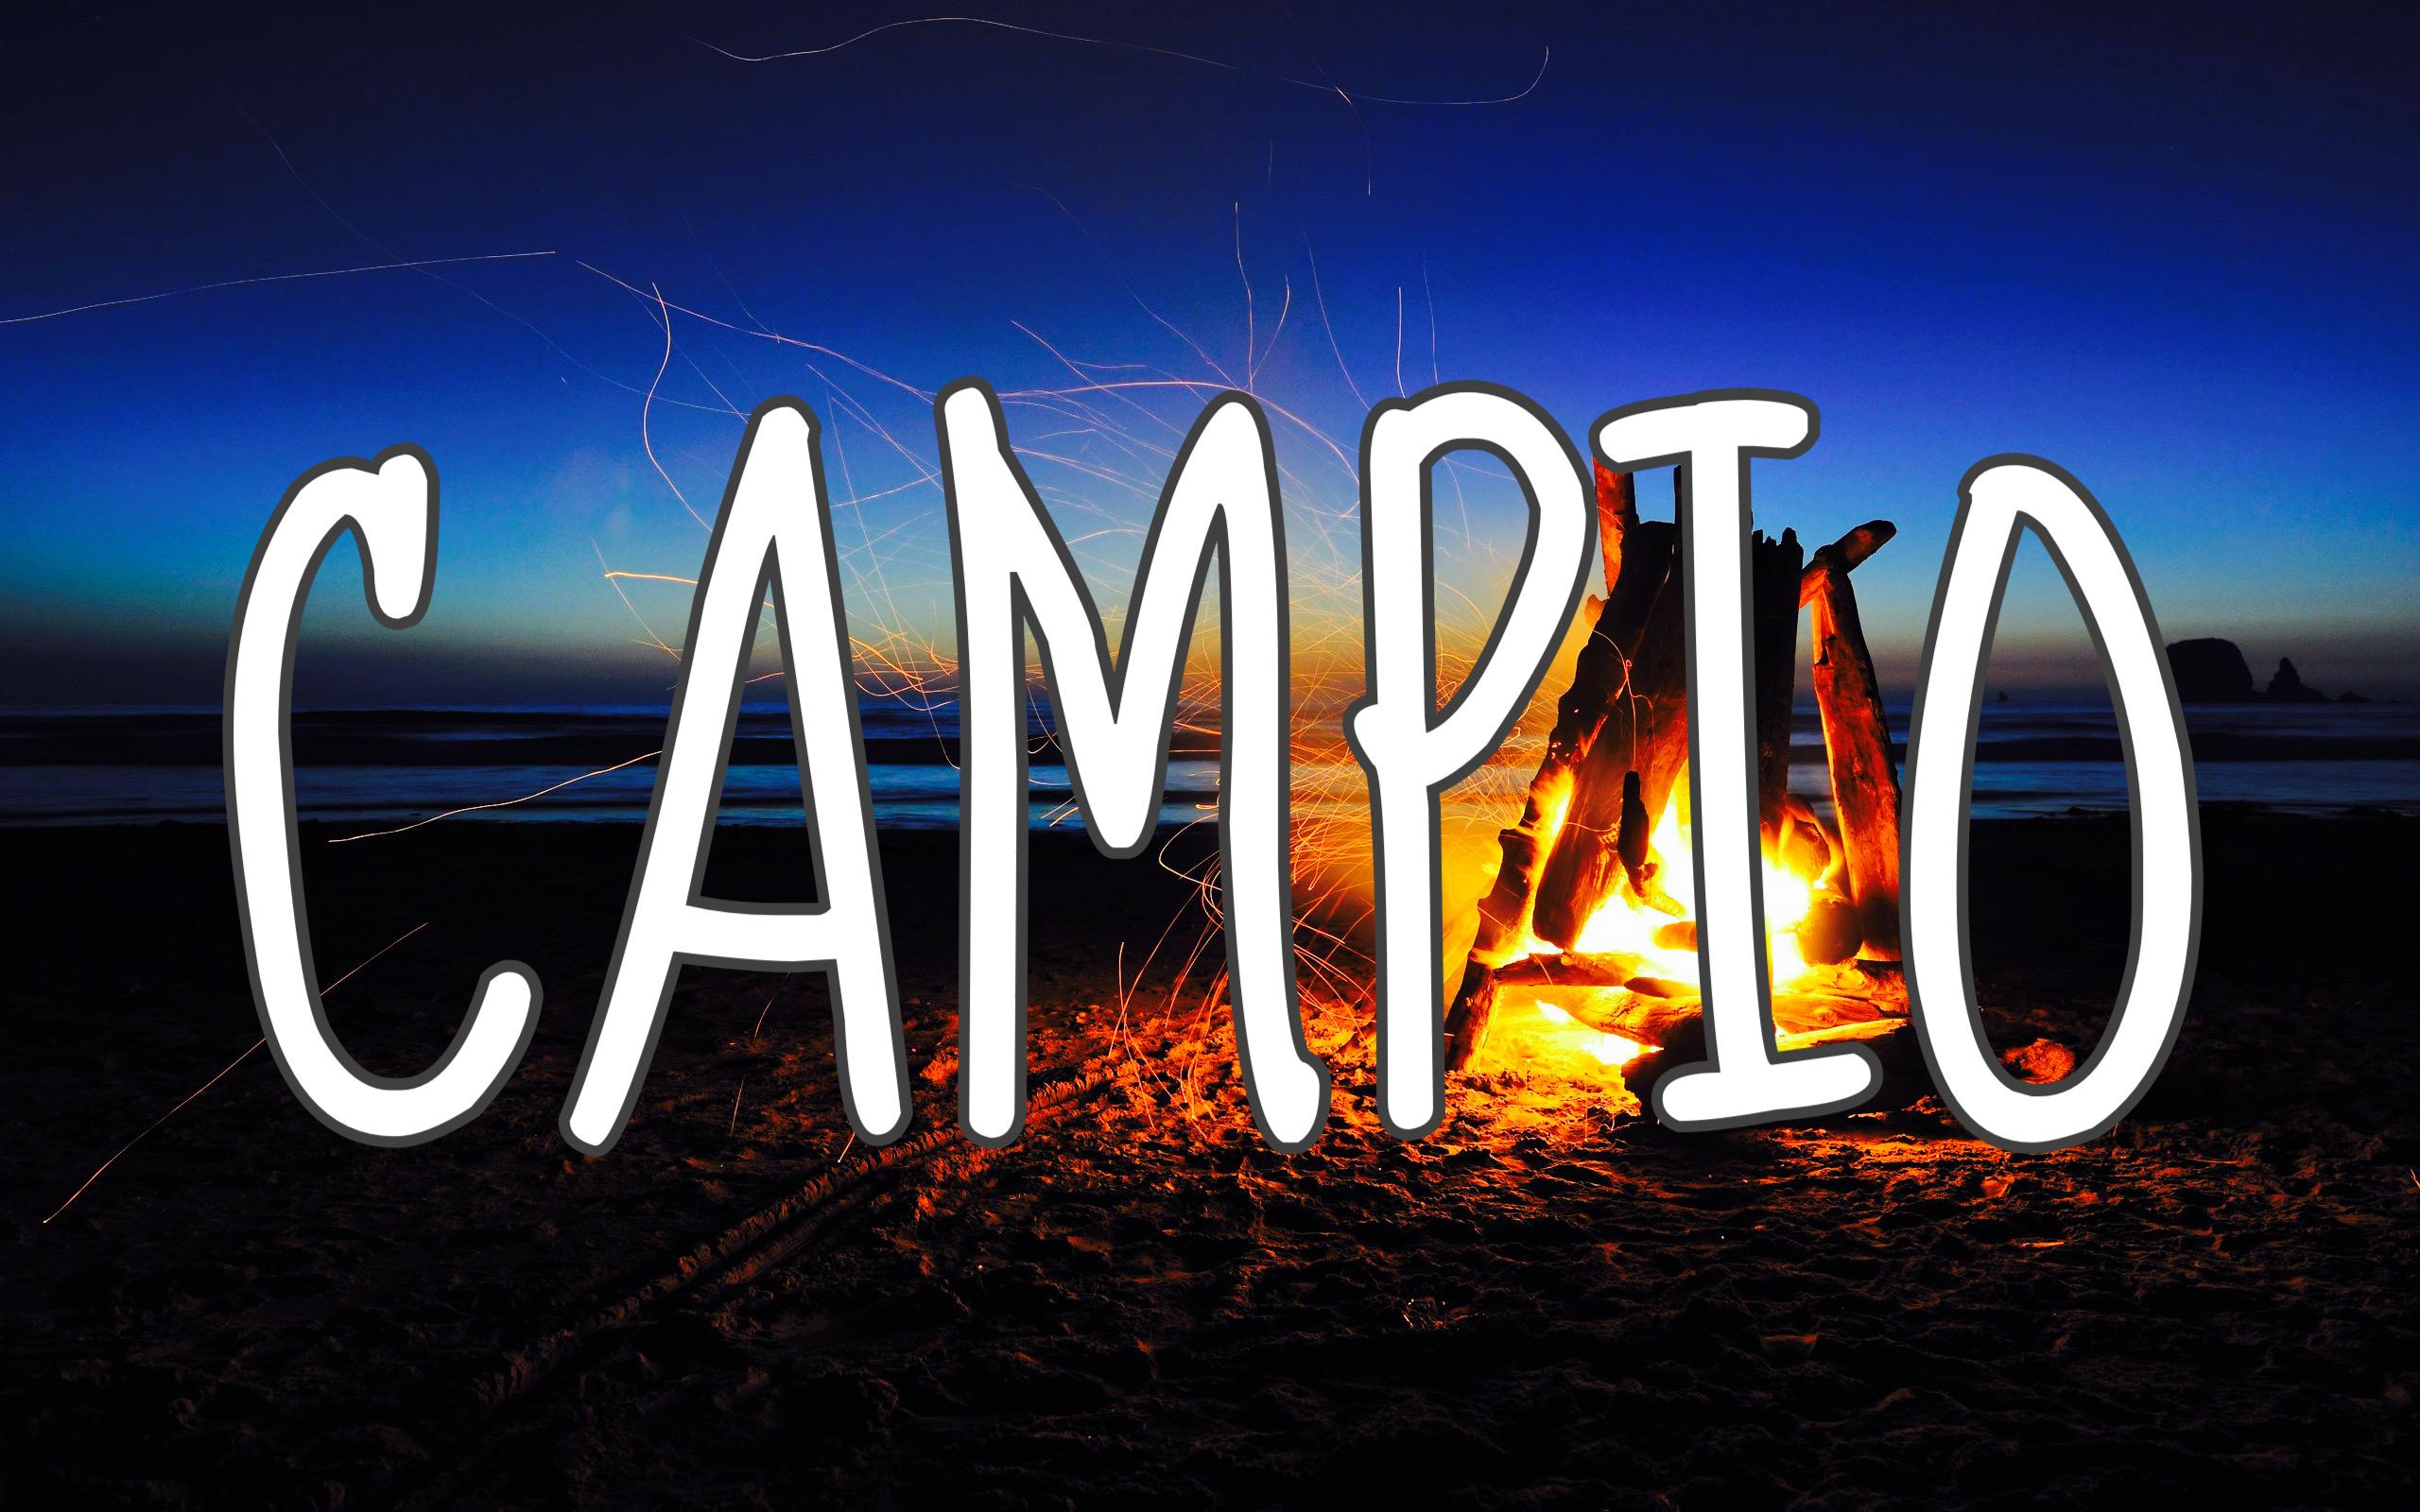 CAMPIO